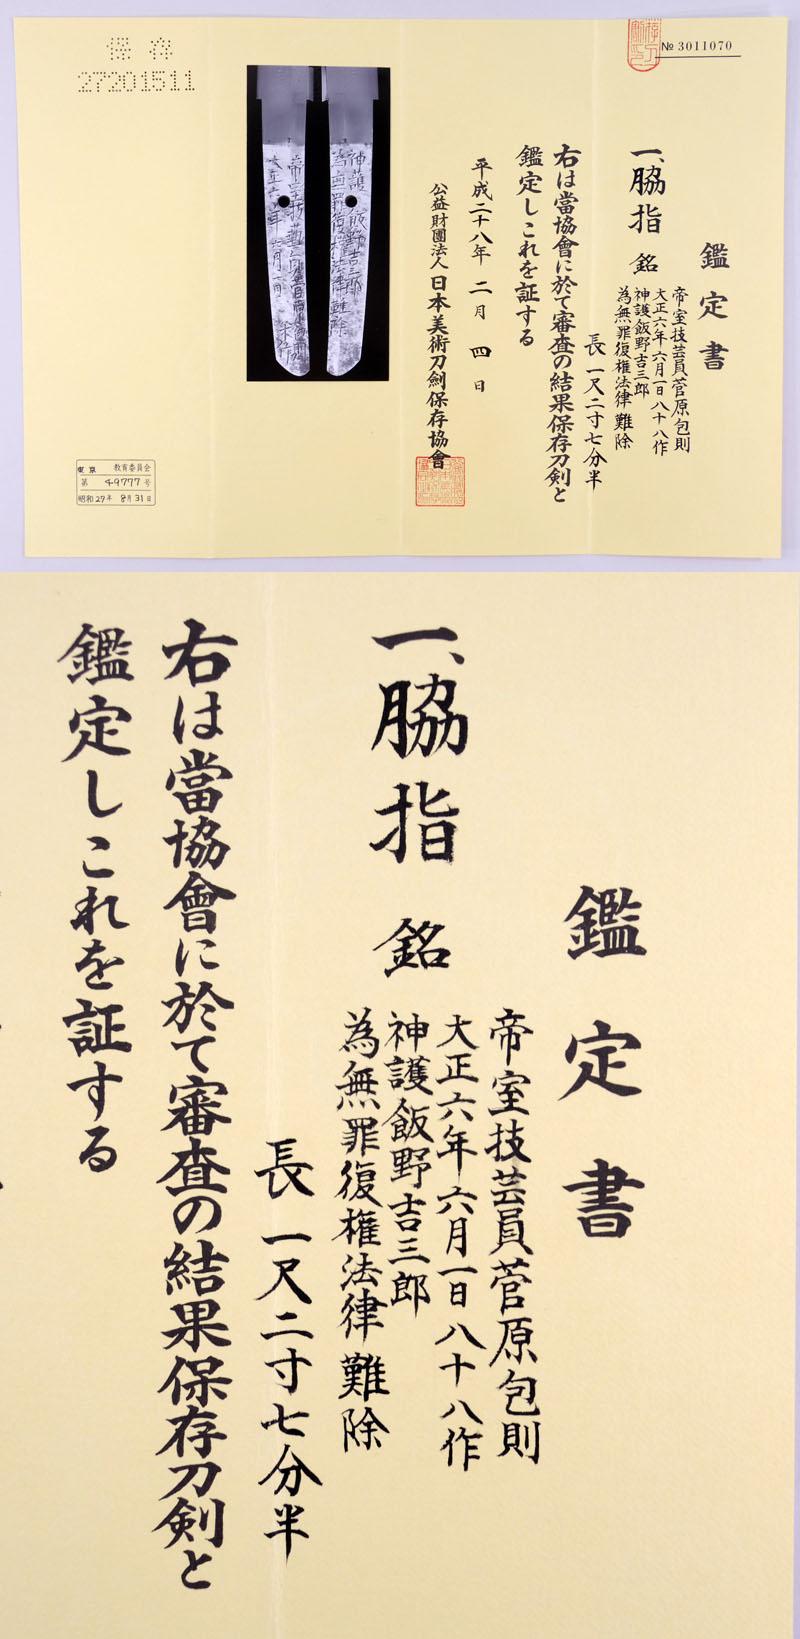 帝室技芸員菅原包則 (宮本包則) Picture of Certificate